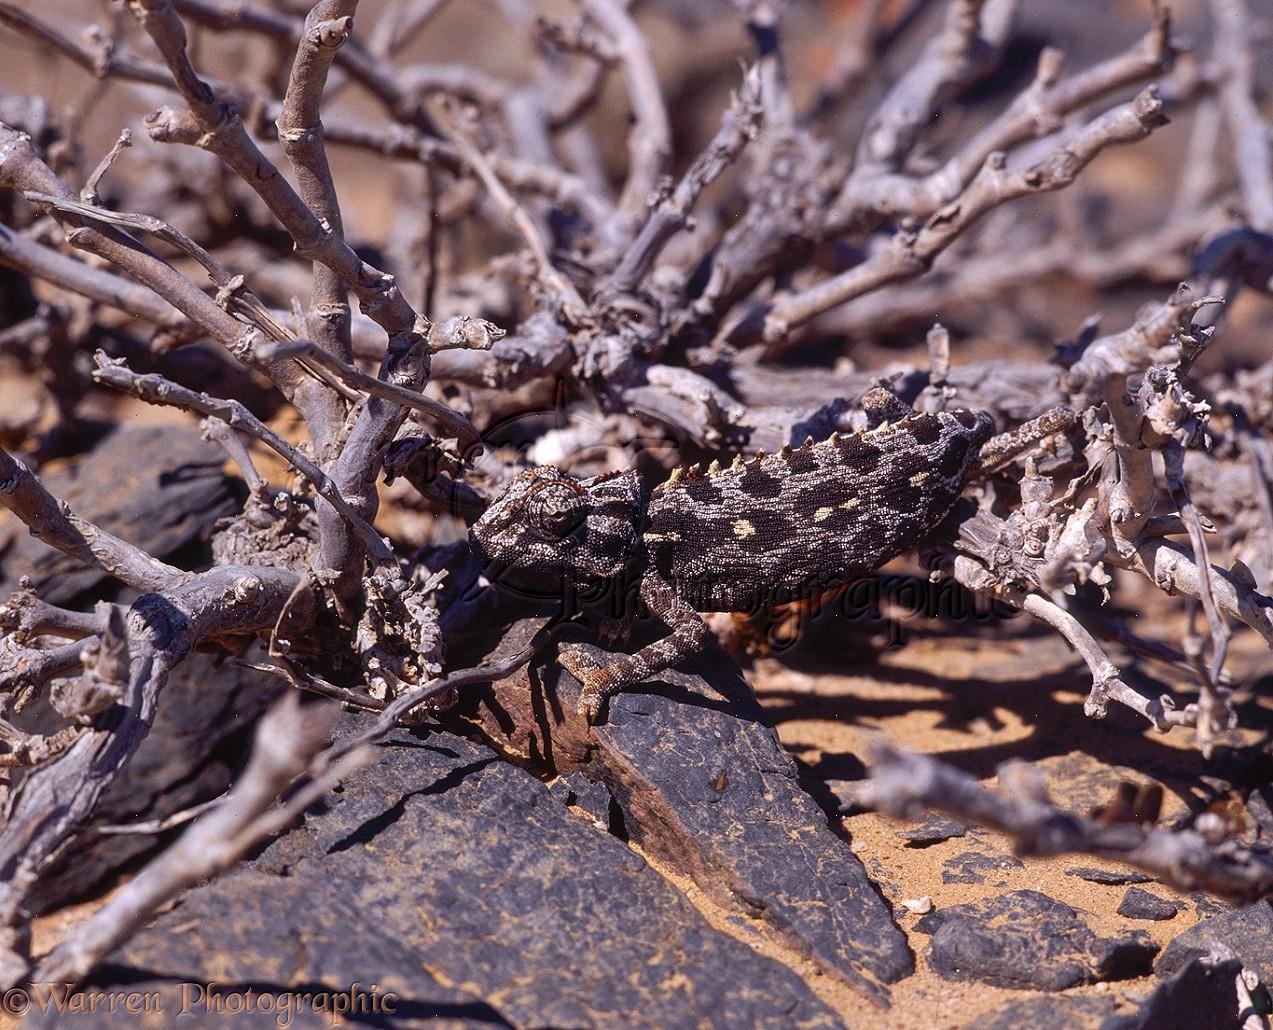 Namaqua Chameleon camouflaged photo WP07608